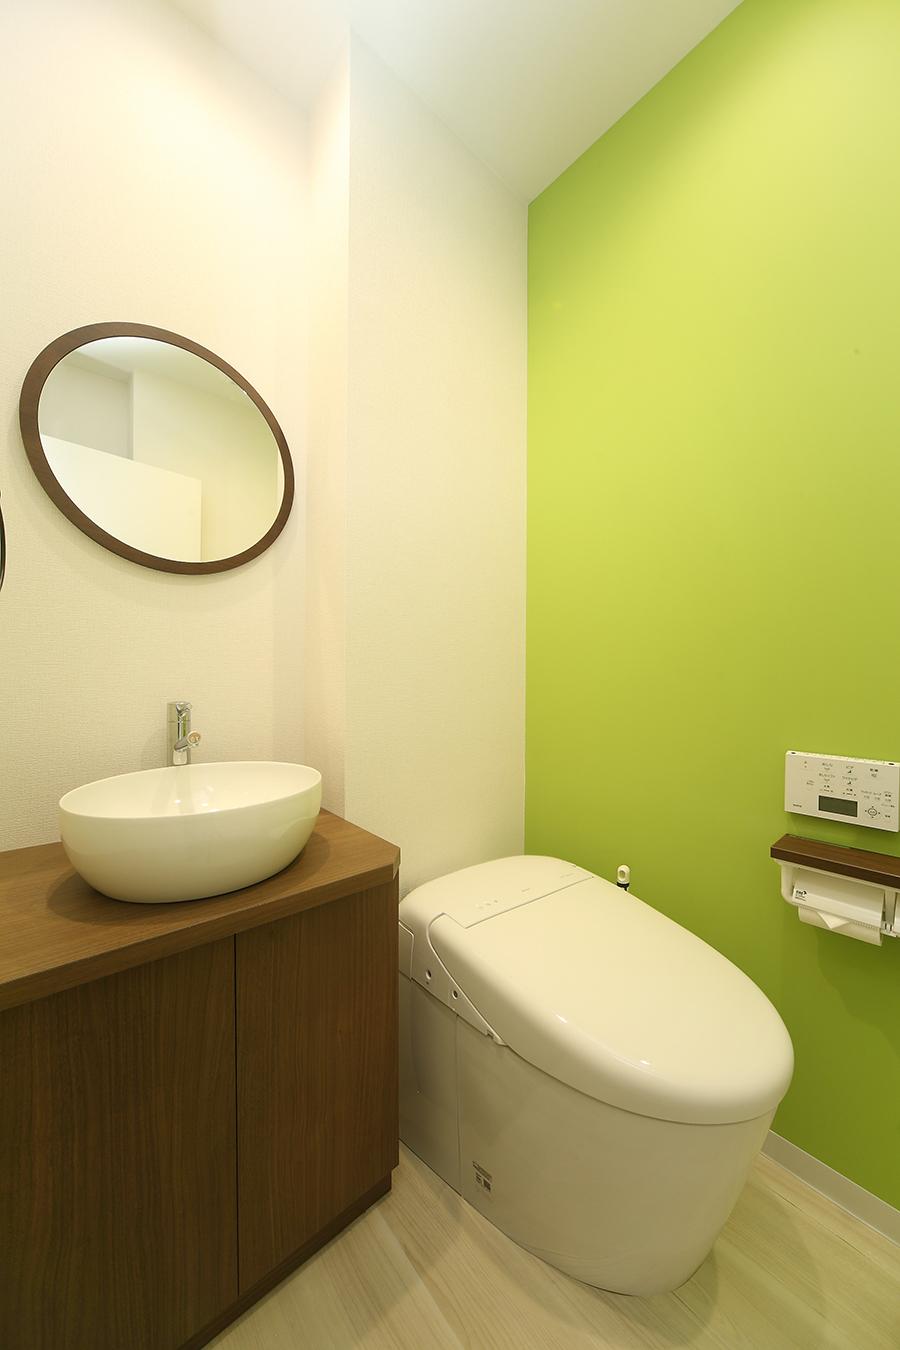 税理士事務所のトイレデザイン